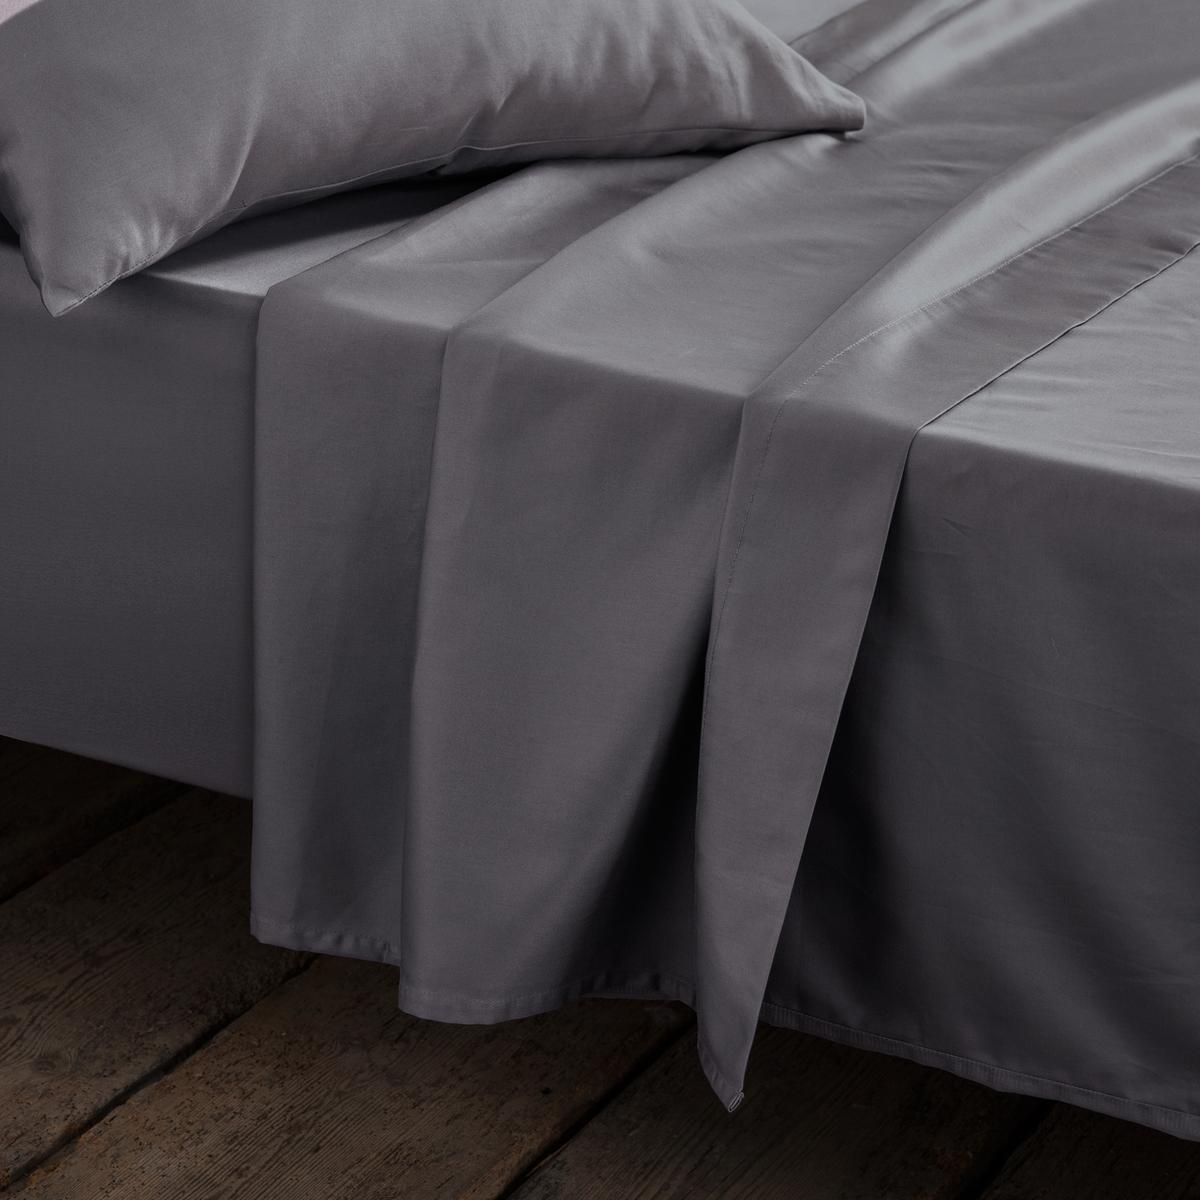 цена Простыня La Redoute Сатиновая хлопка 270 x 290 см серый онлайн в 2017 году